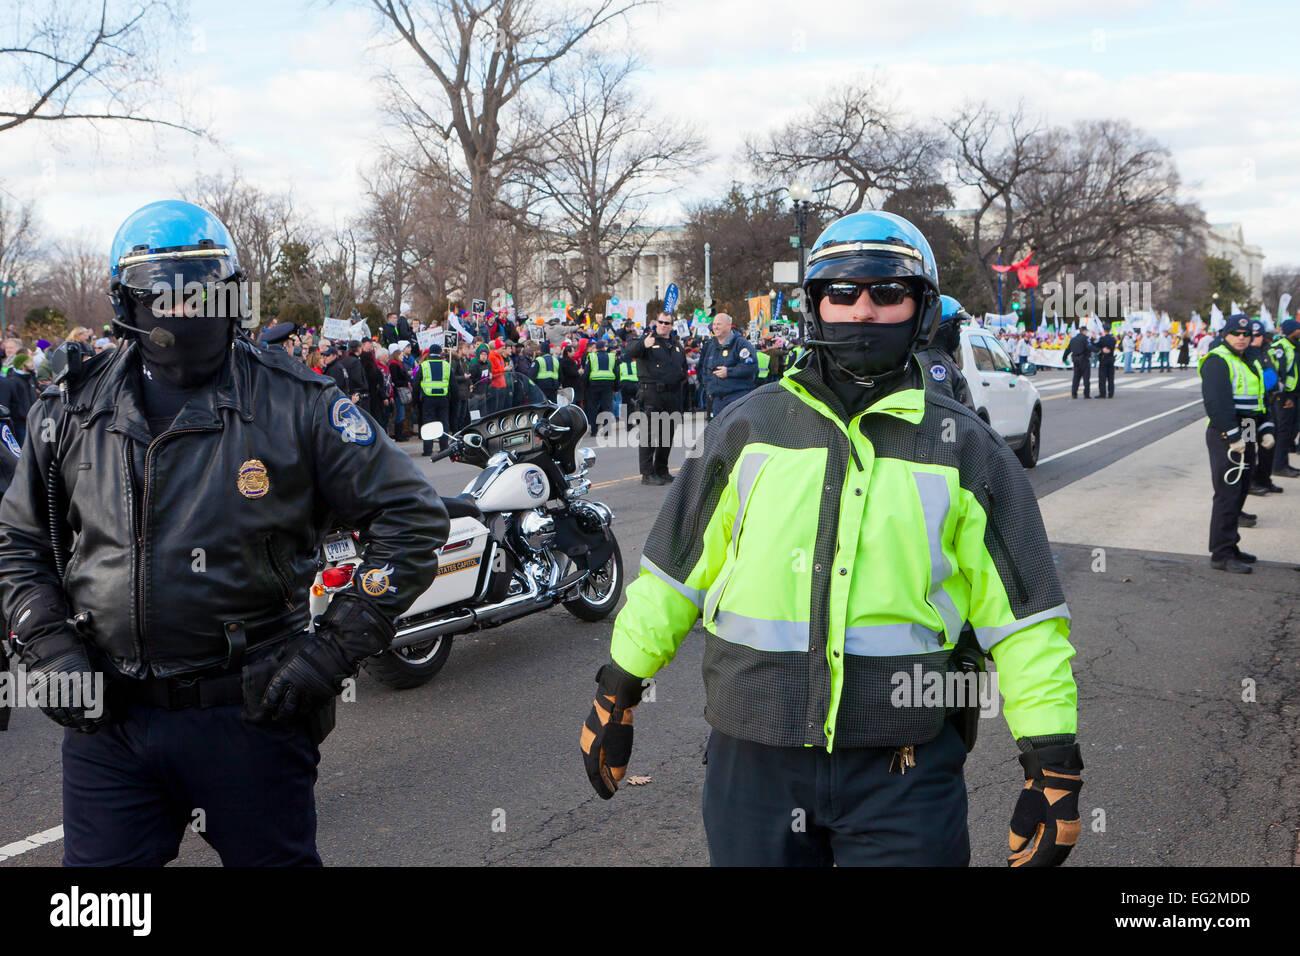 Blocus de la police lors d'une manifestation publique - Washington, DC USA Photo Stock